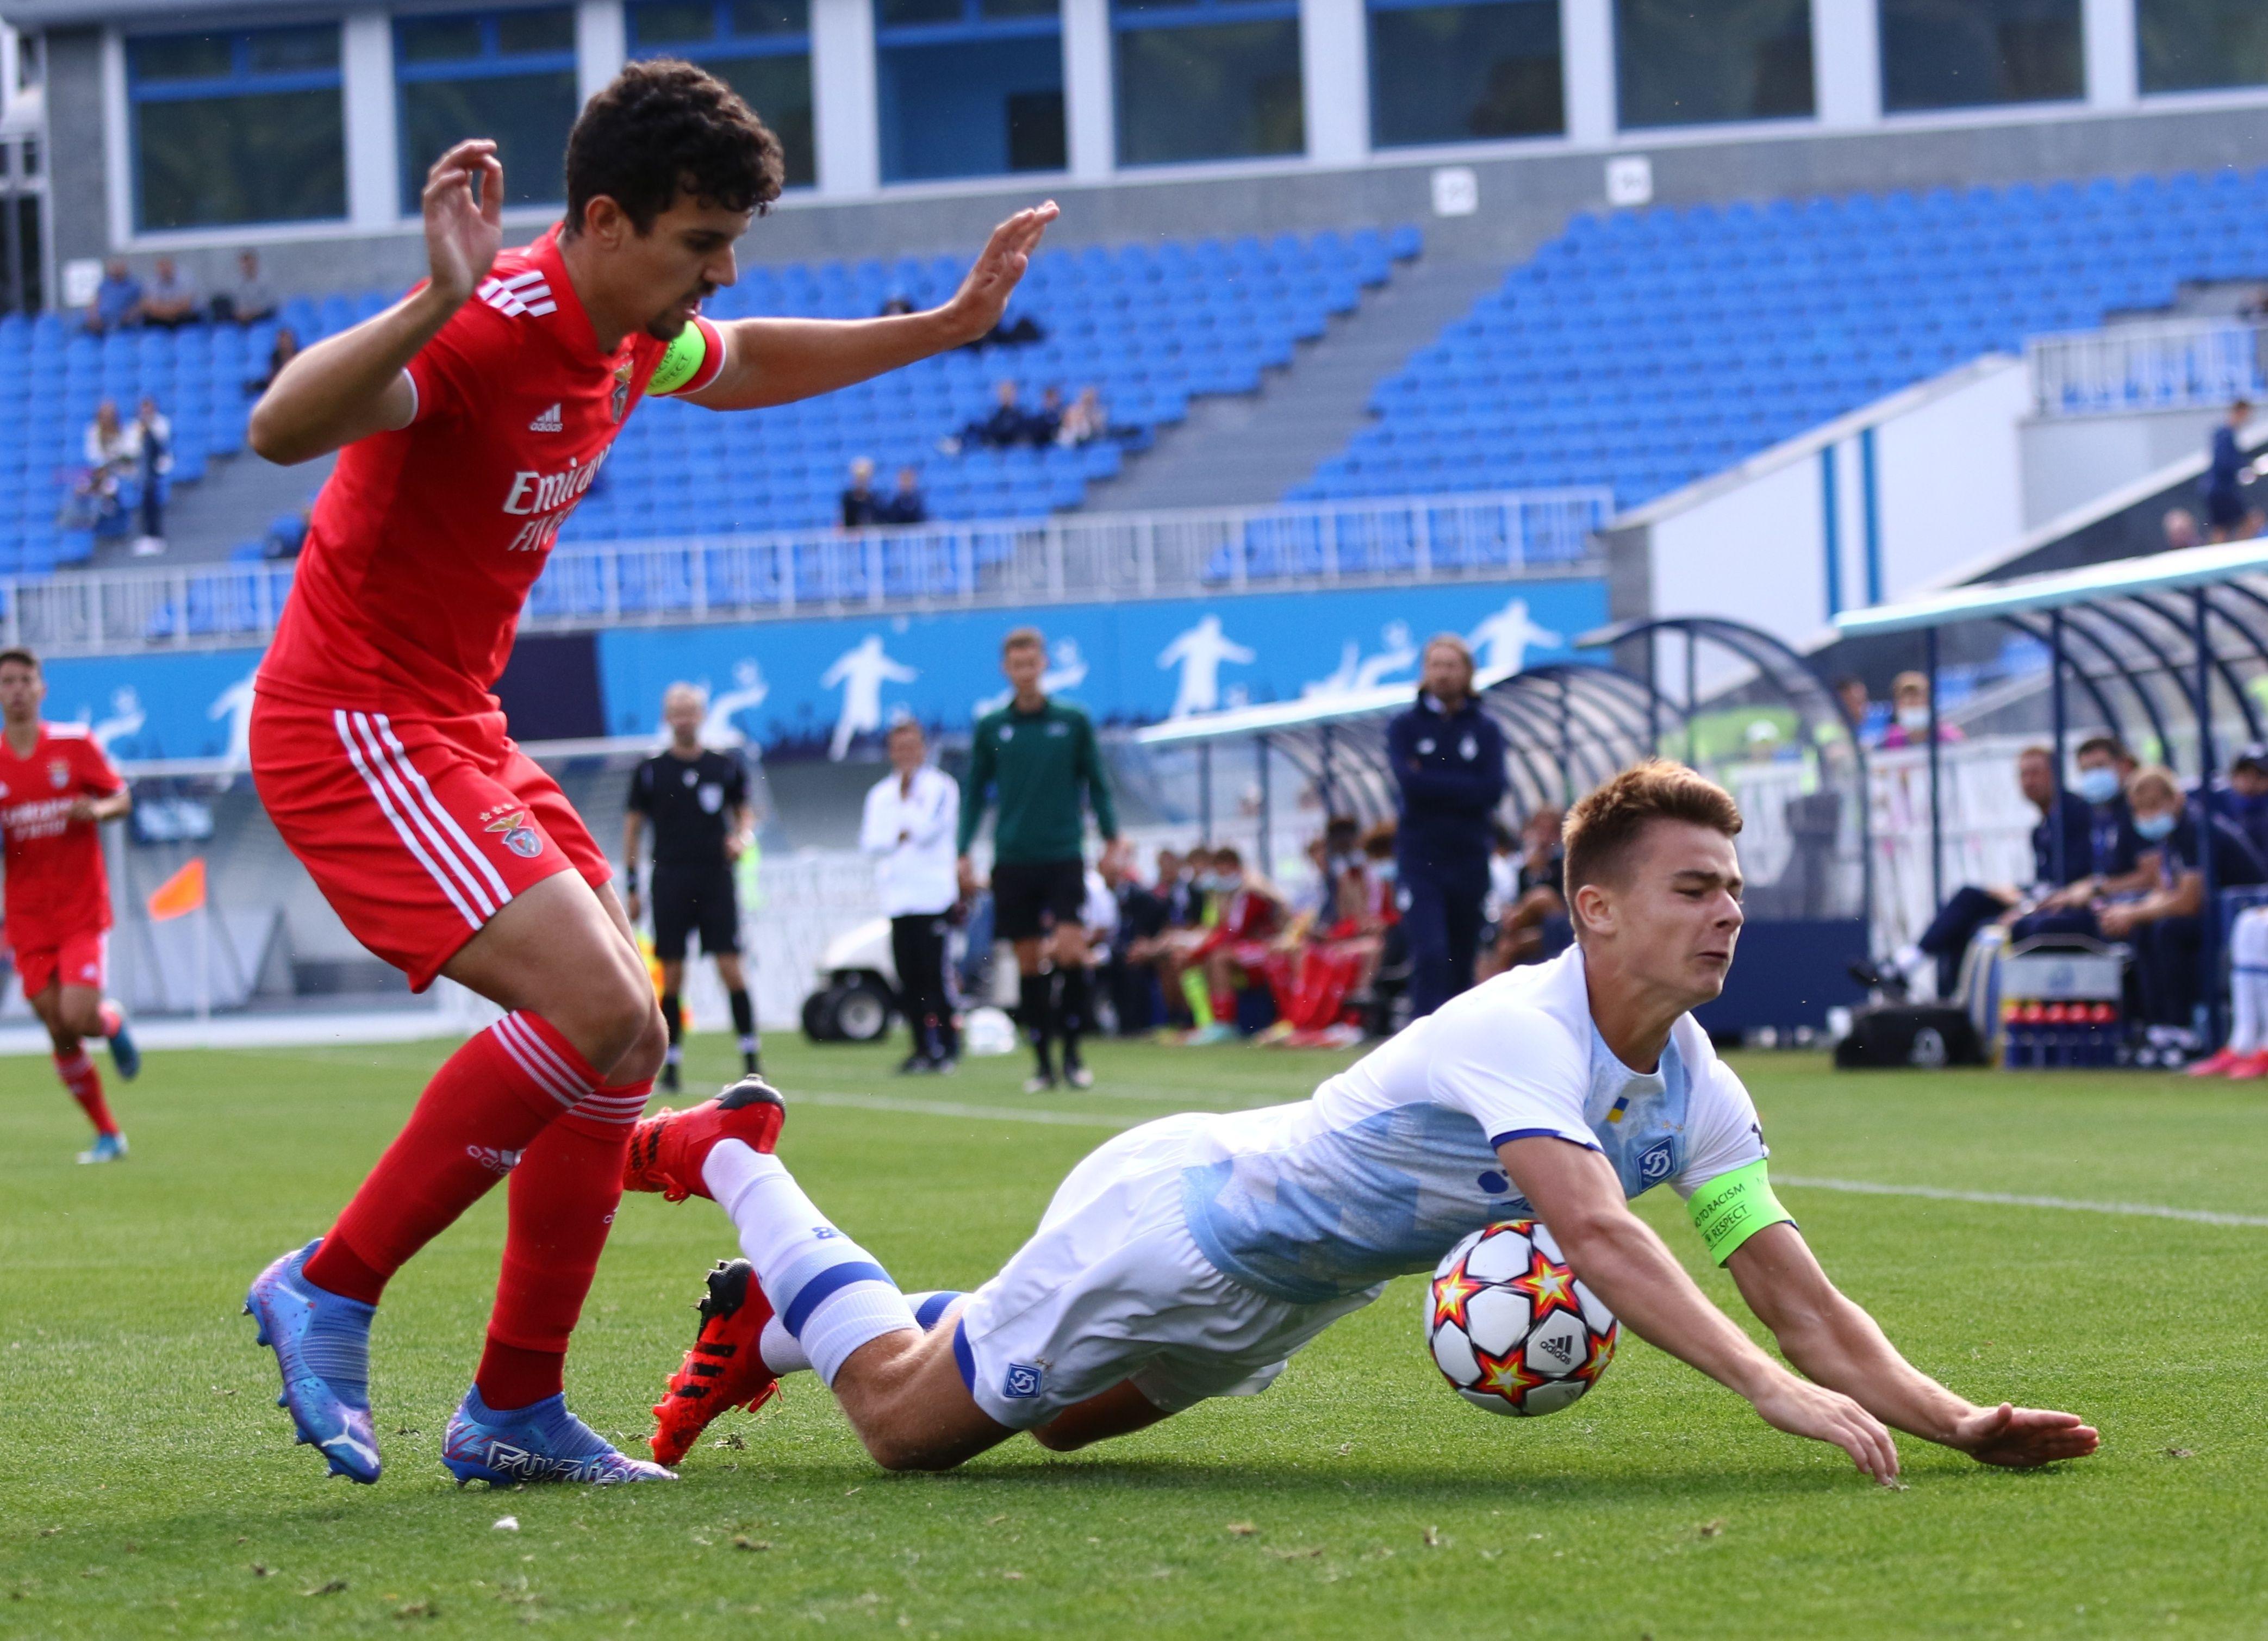 Відмінний старт! ФОТО репортаж з матчу Юнацької ліги УЄФА Динамо - Бенфіка 4:0 - фото 5